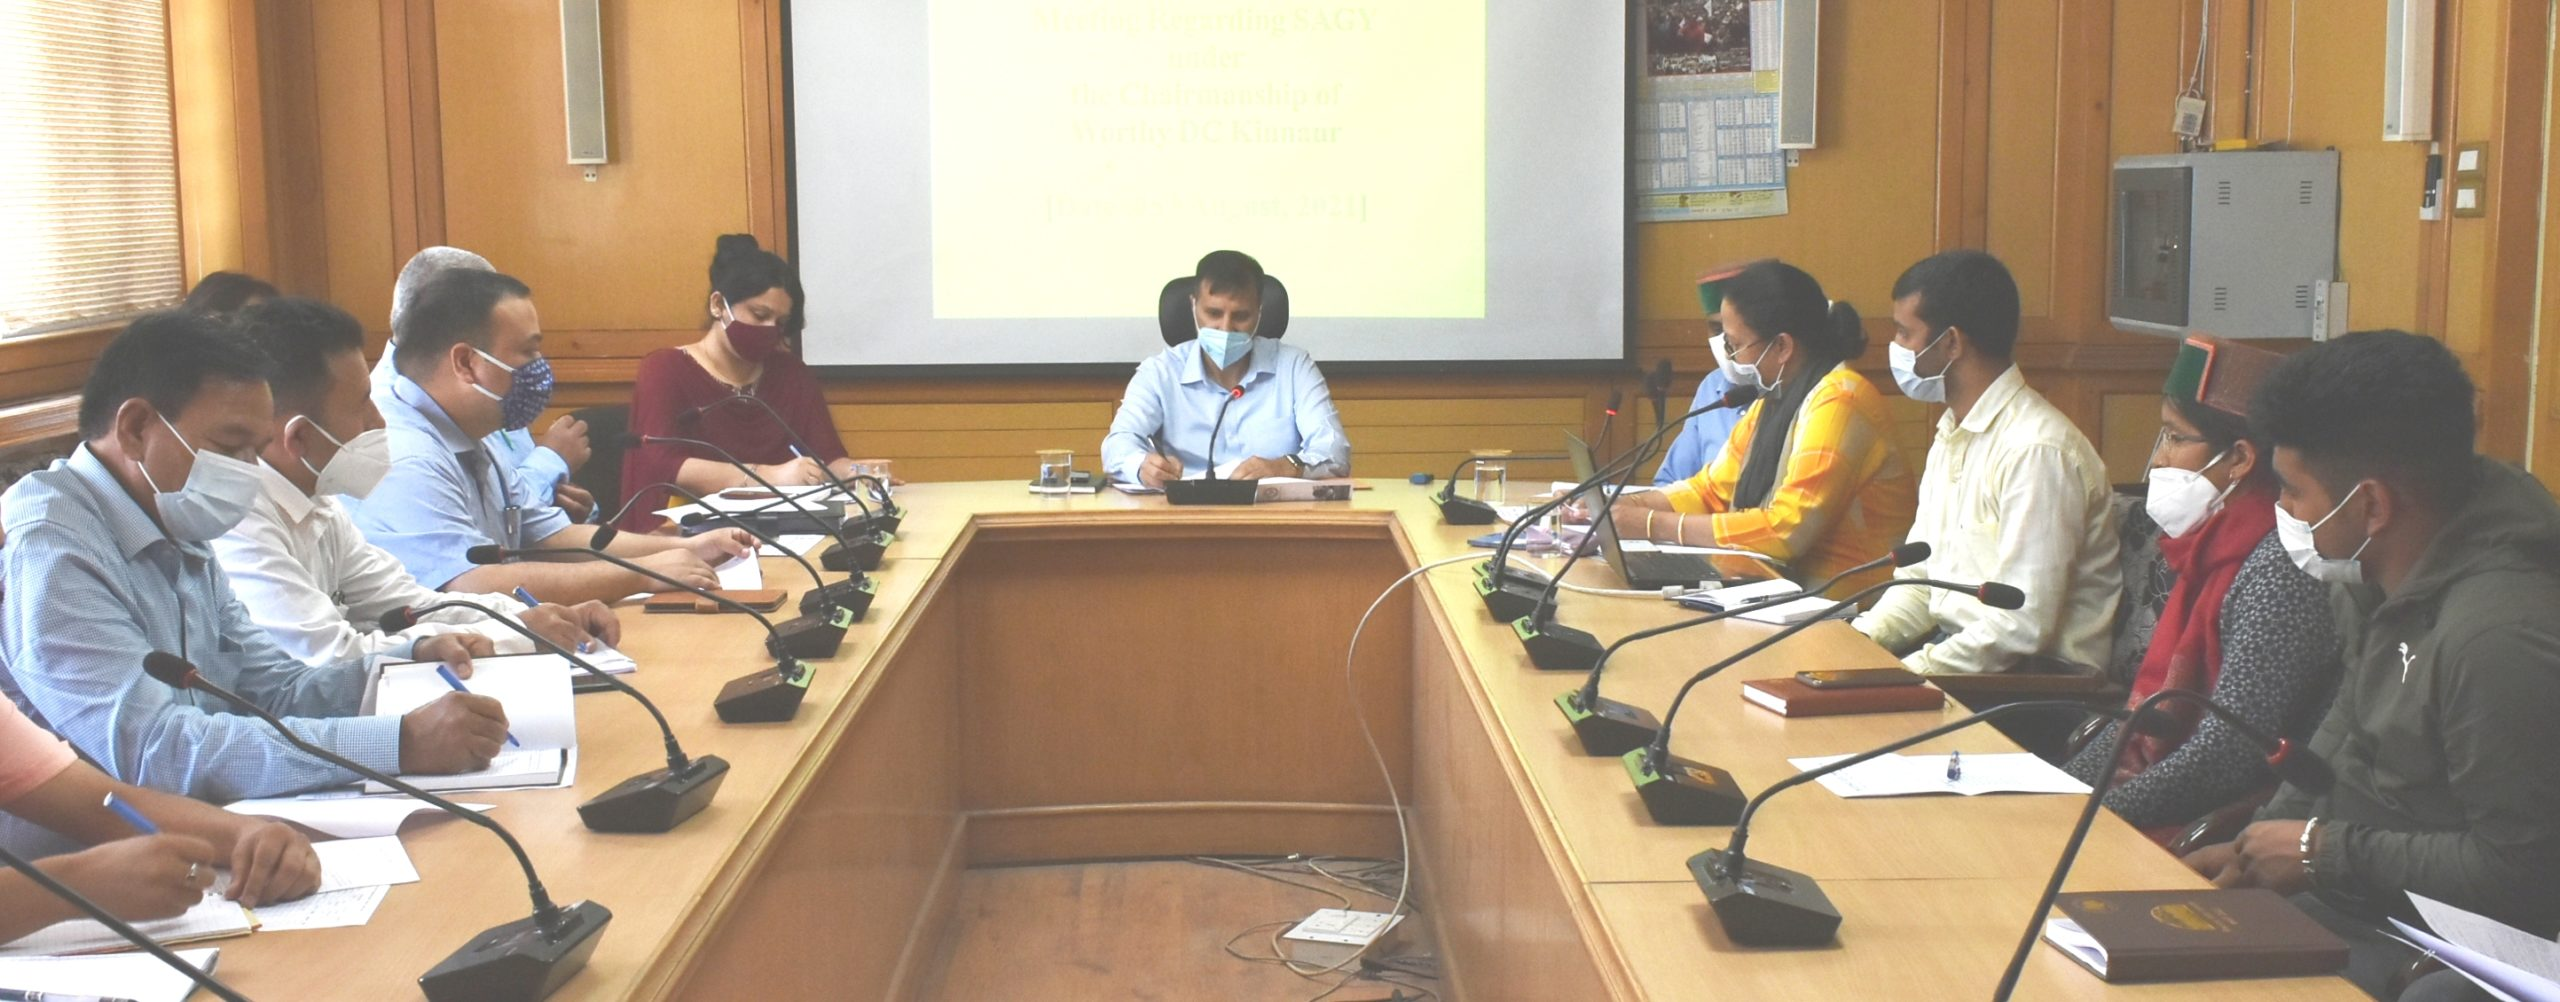 किन्नौर जिला में 9 से 15 अगस्त तक चलाया जाएगा 'स्वच्छ हिमाचल अभियान-2021'